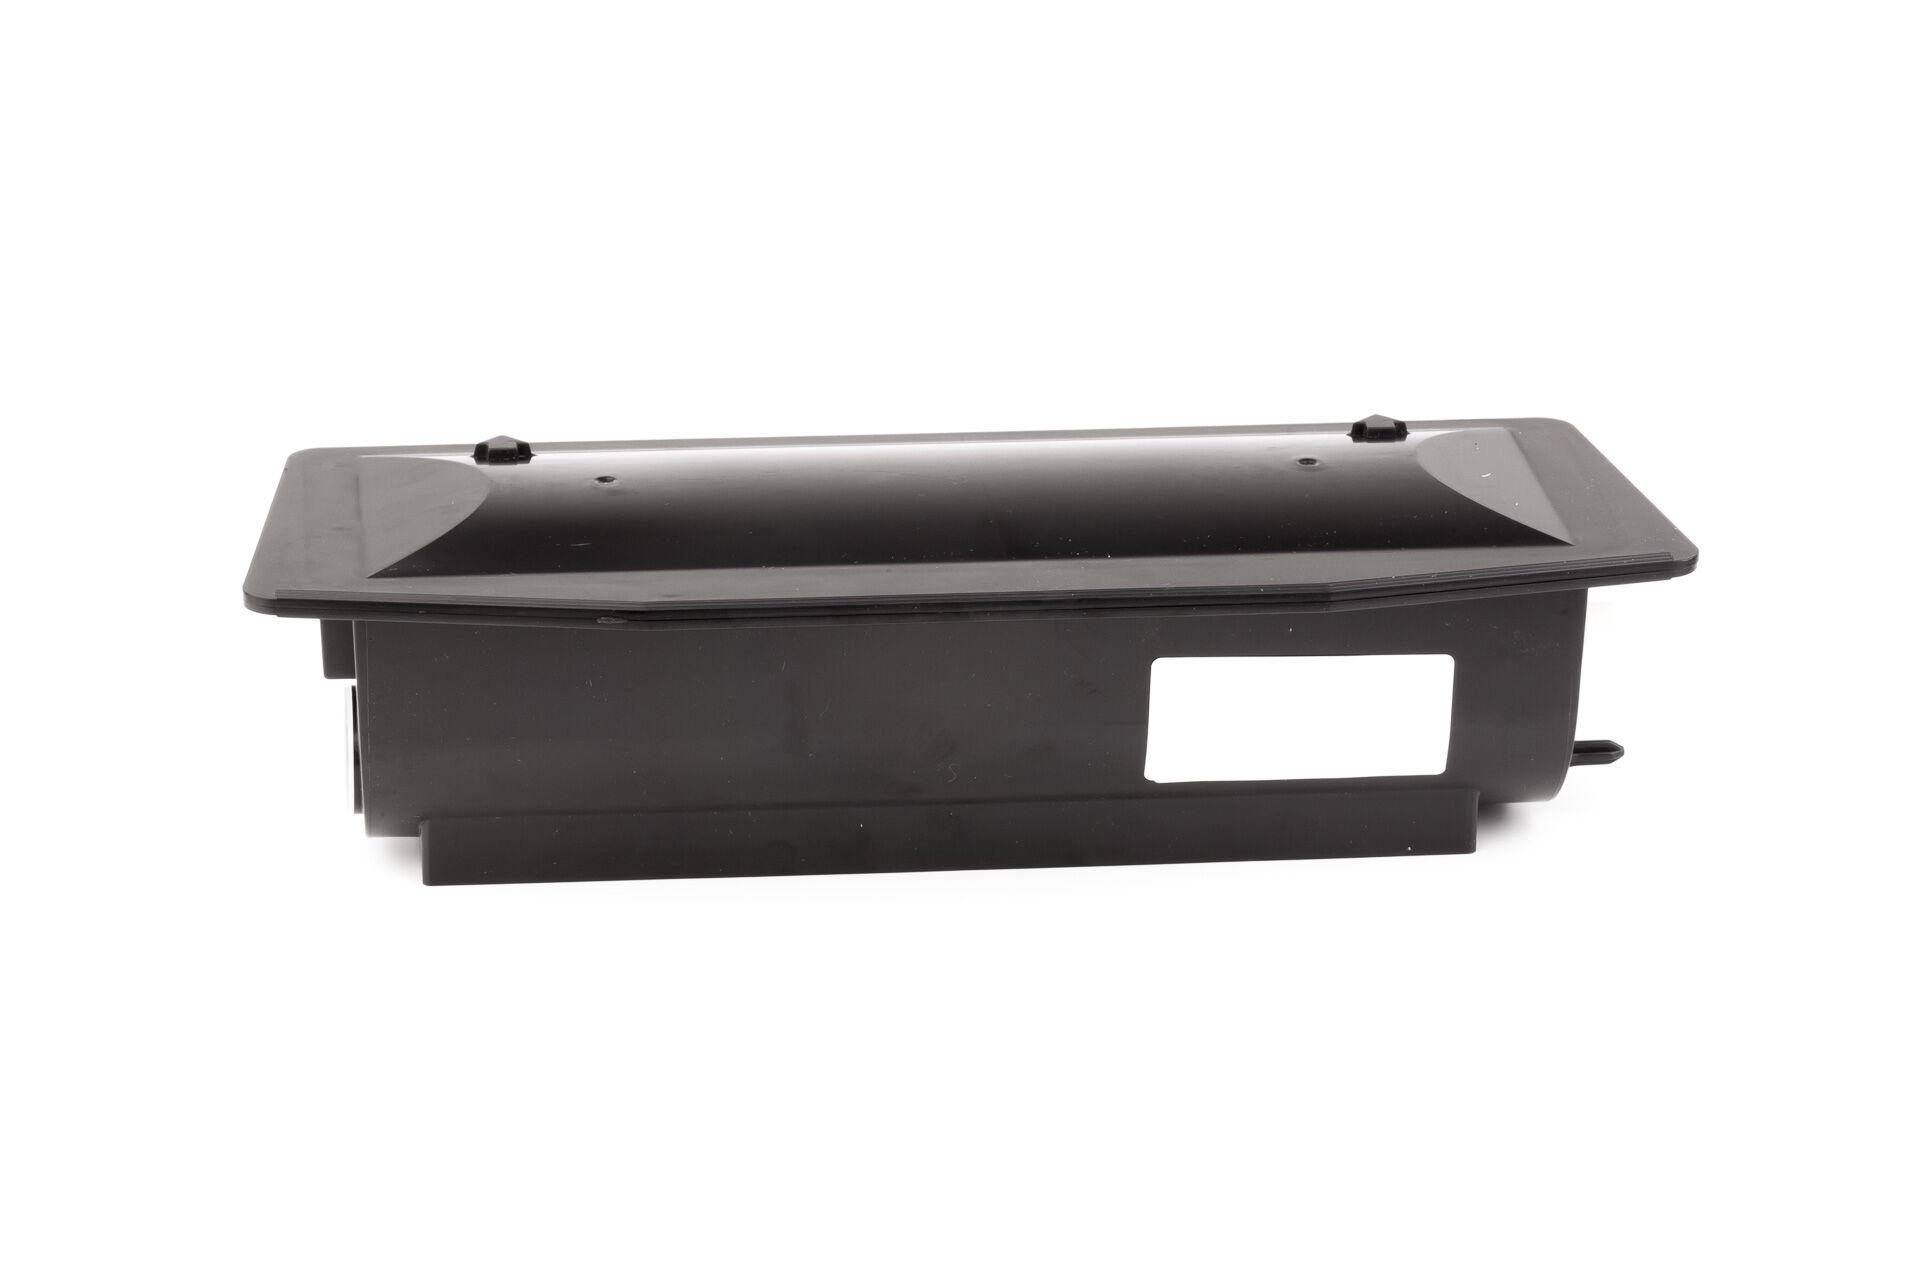 Kyocera Cartouche de Toner pour Kyocera 1T02A20NL0 / TK-1505 noir compatible (de marque ASC)